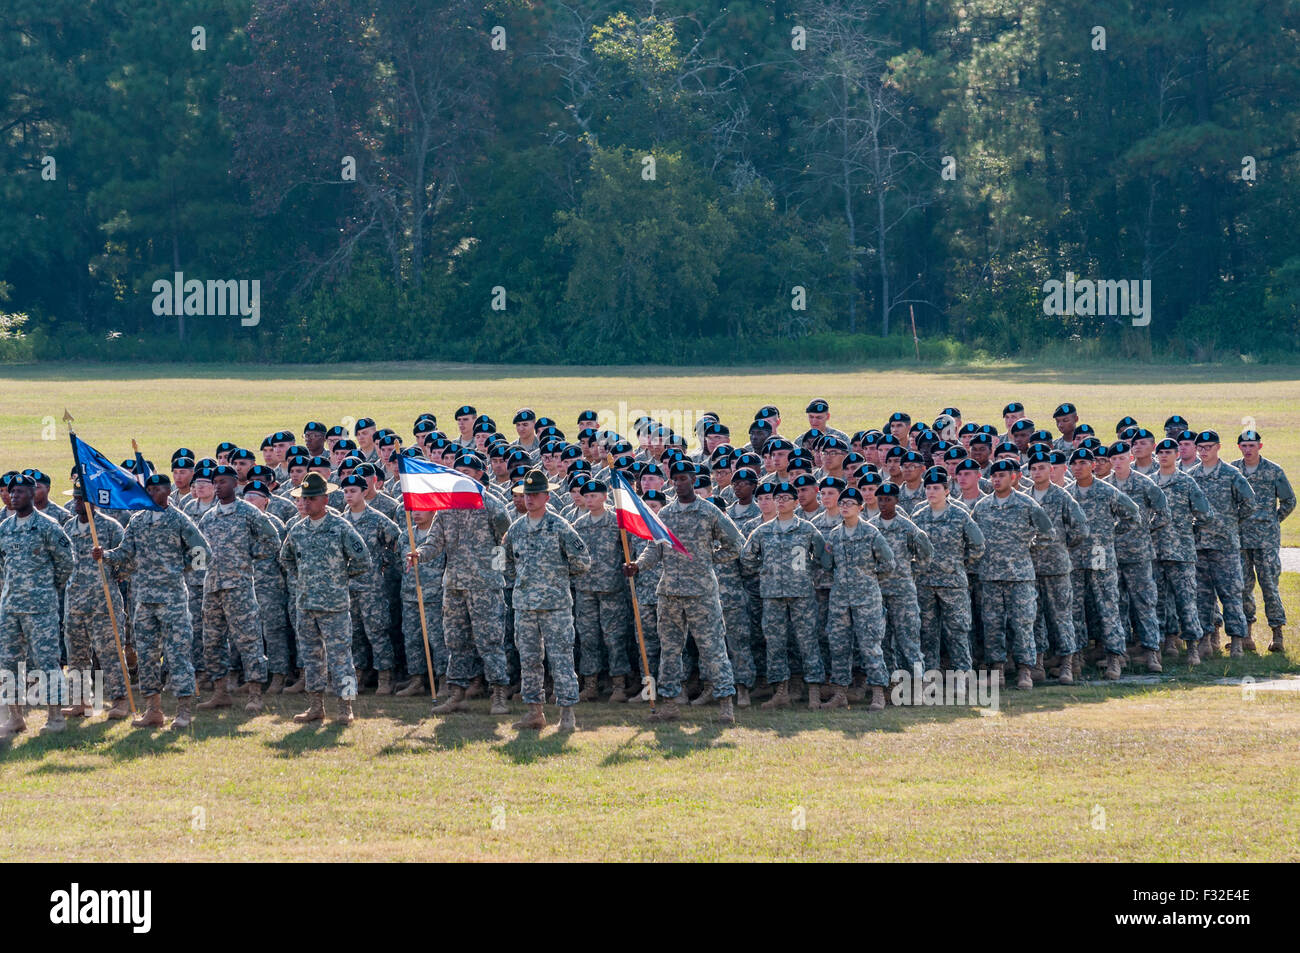 Us Armee Soldaten Bei Grundausbildung Abschlussfeier Stockfoto Bild